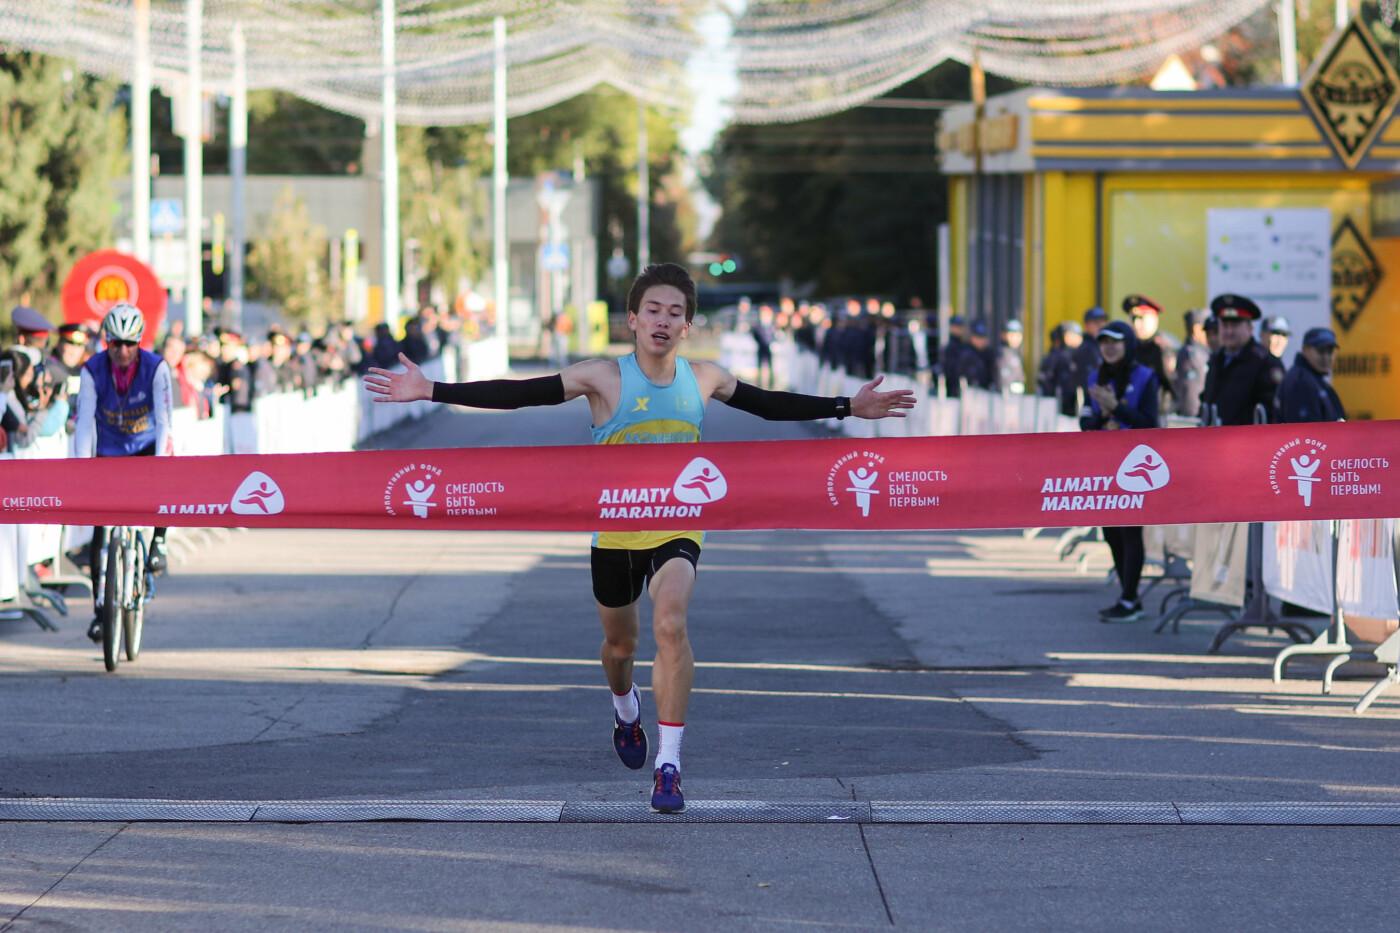 В Алматы состоялся полумарафон спортсменов-любителей (фото), фото-3